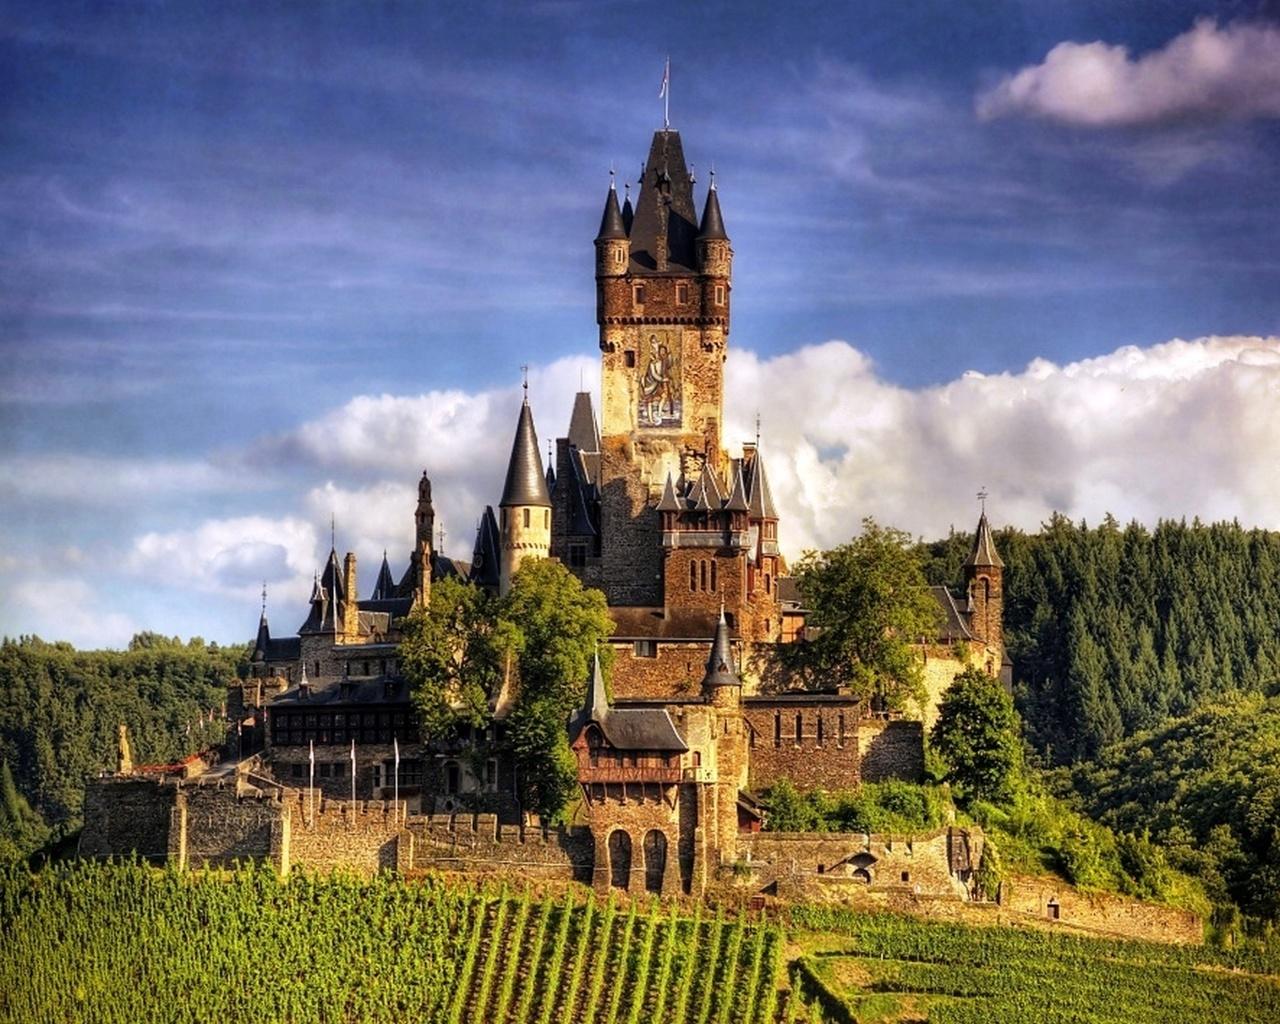 как должны самый красивый замок в мире фото разные ресурсы программы